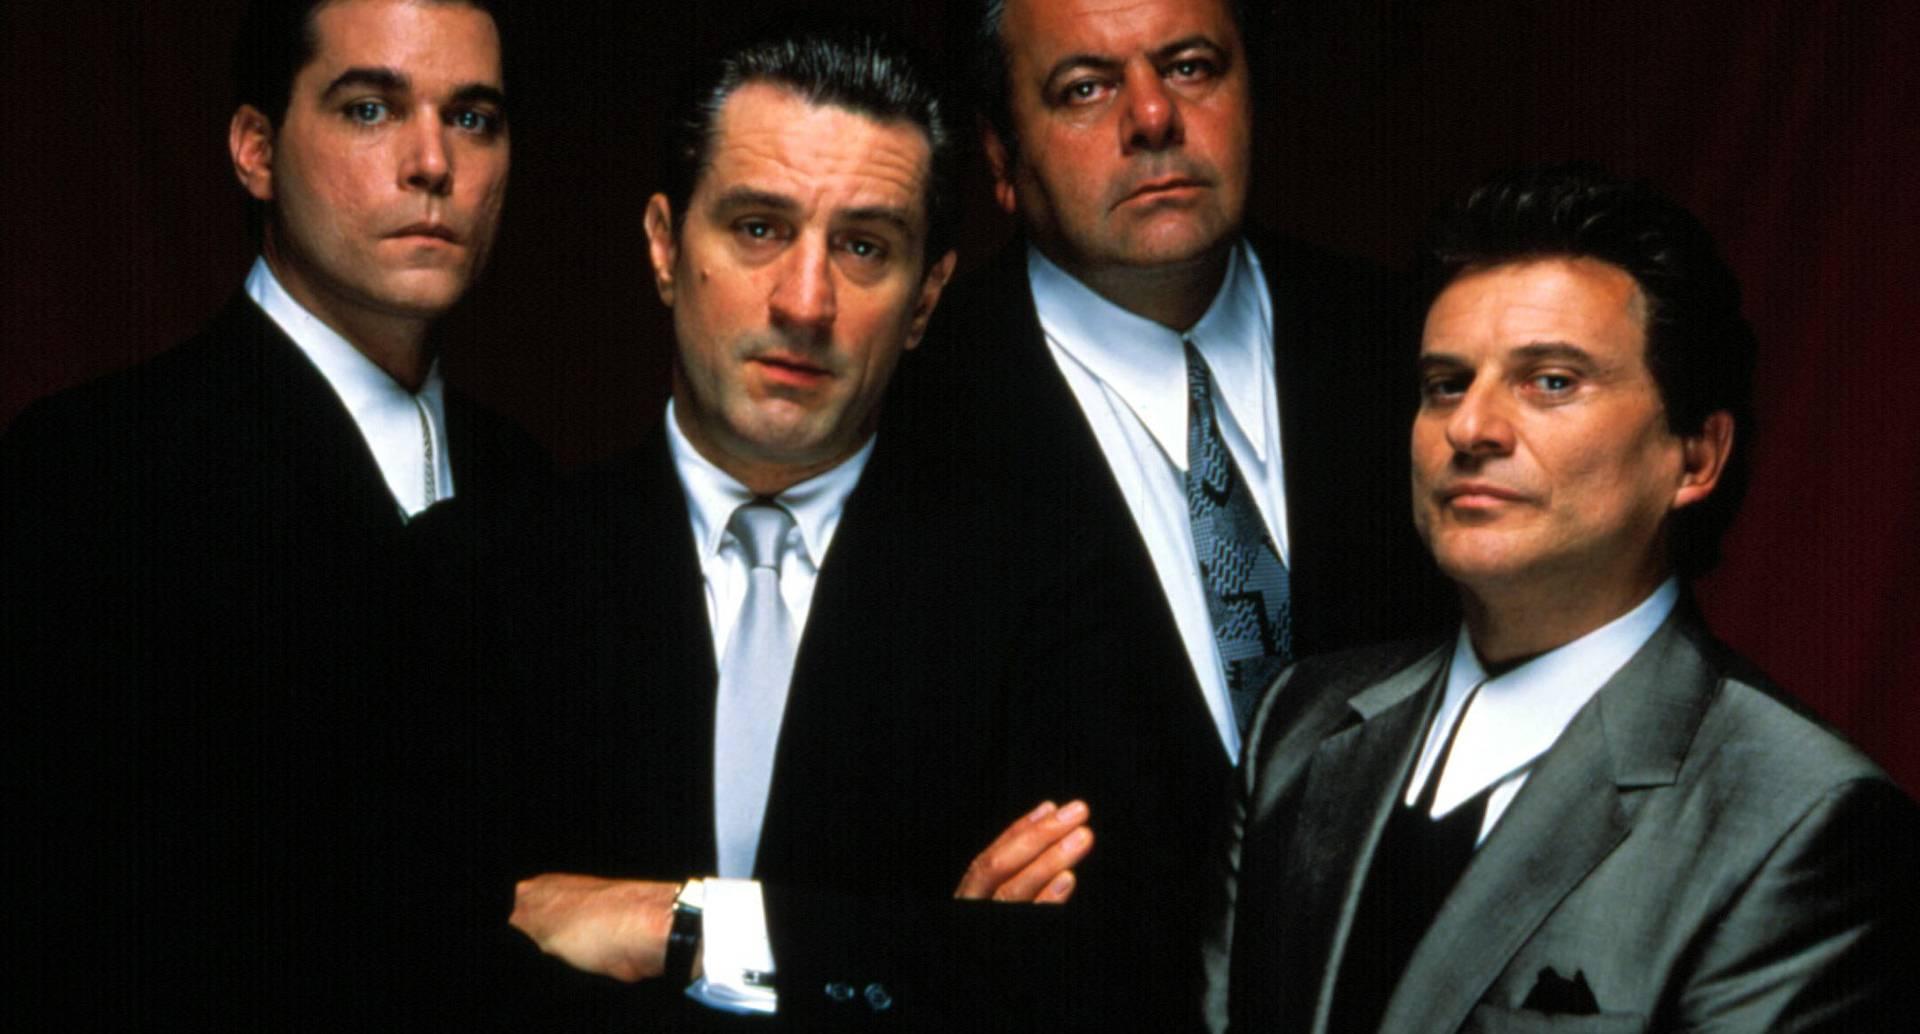 Buenos Muchachos, la película de Martin Scorsese que cambió el cine sobre la mafia cumple 30 años.